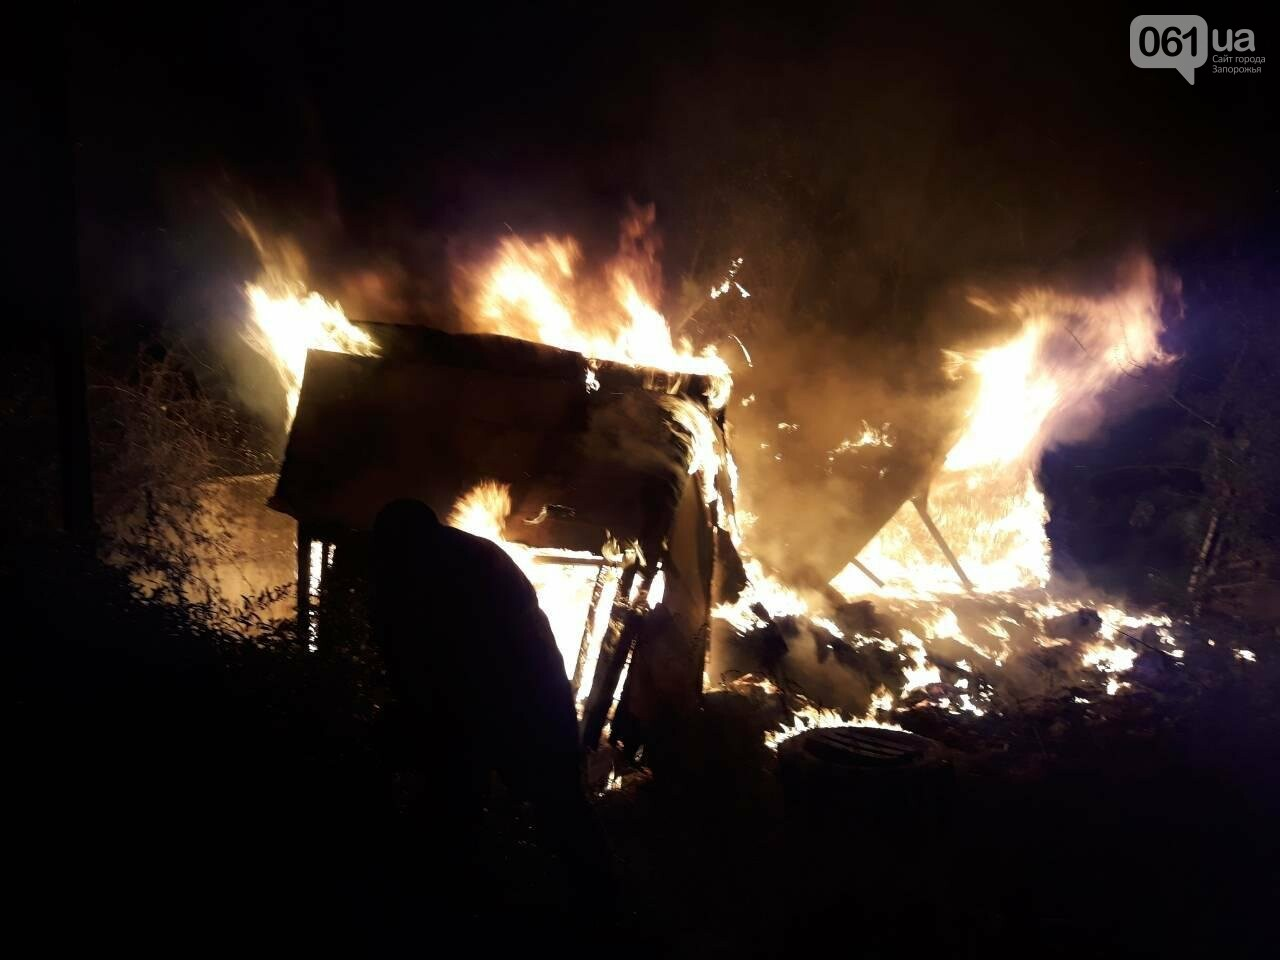 В Запорожской области тушили пожар во дворе частного дома, - ФОТО, фото-1